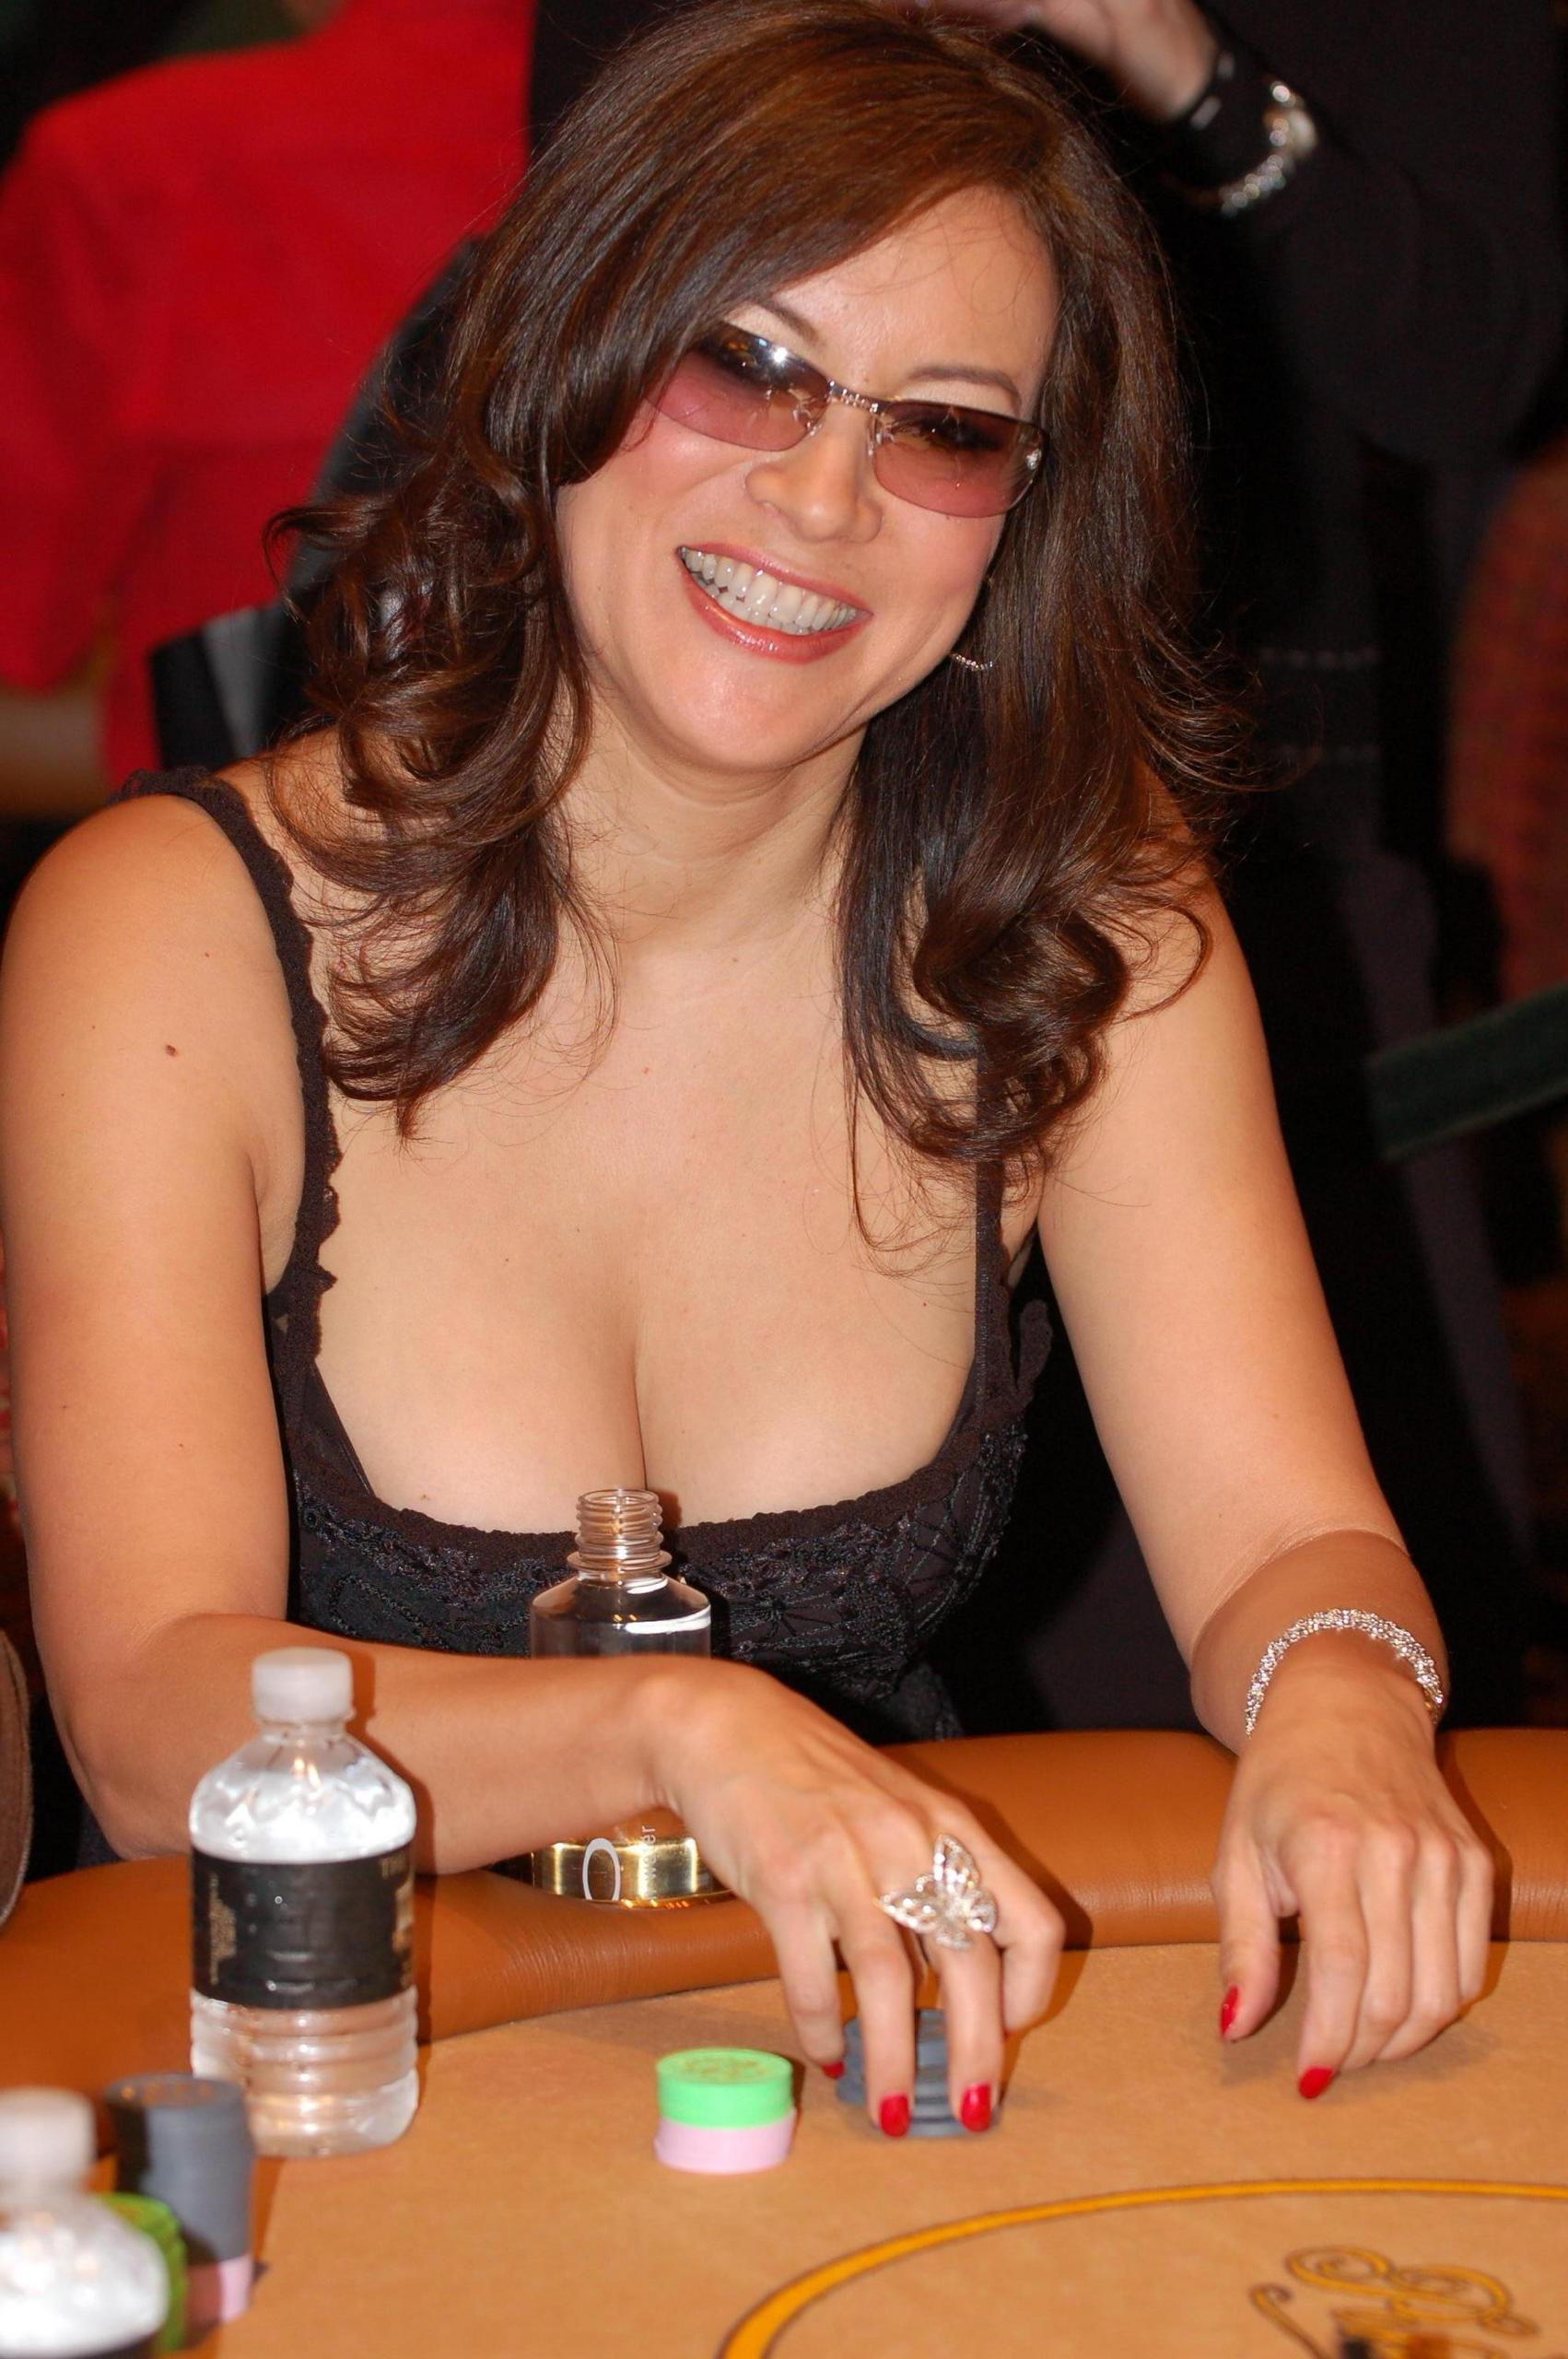 Jennifer Tilly - Jennifer Tilly Photo (29021476) - Fanpop